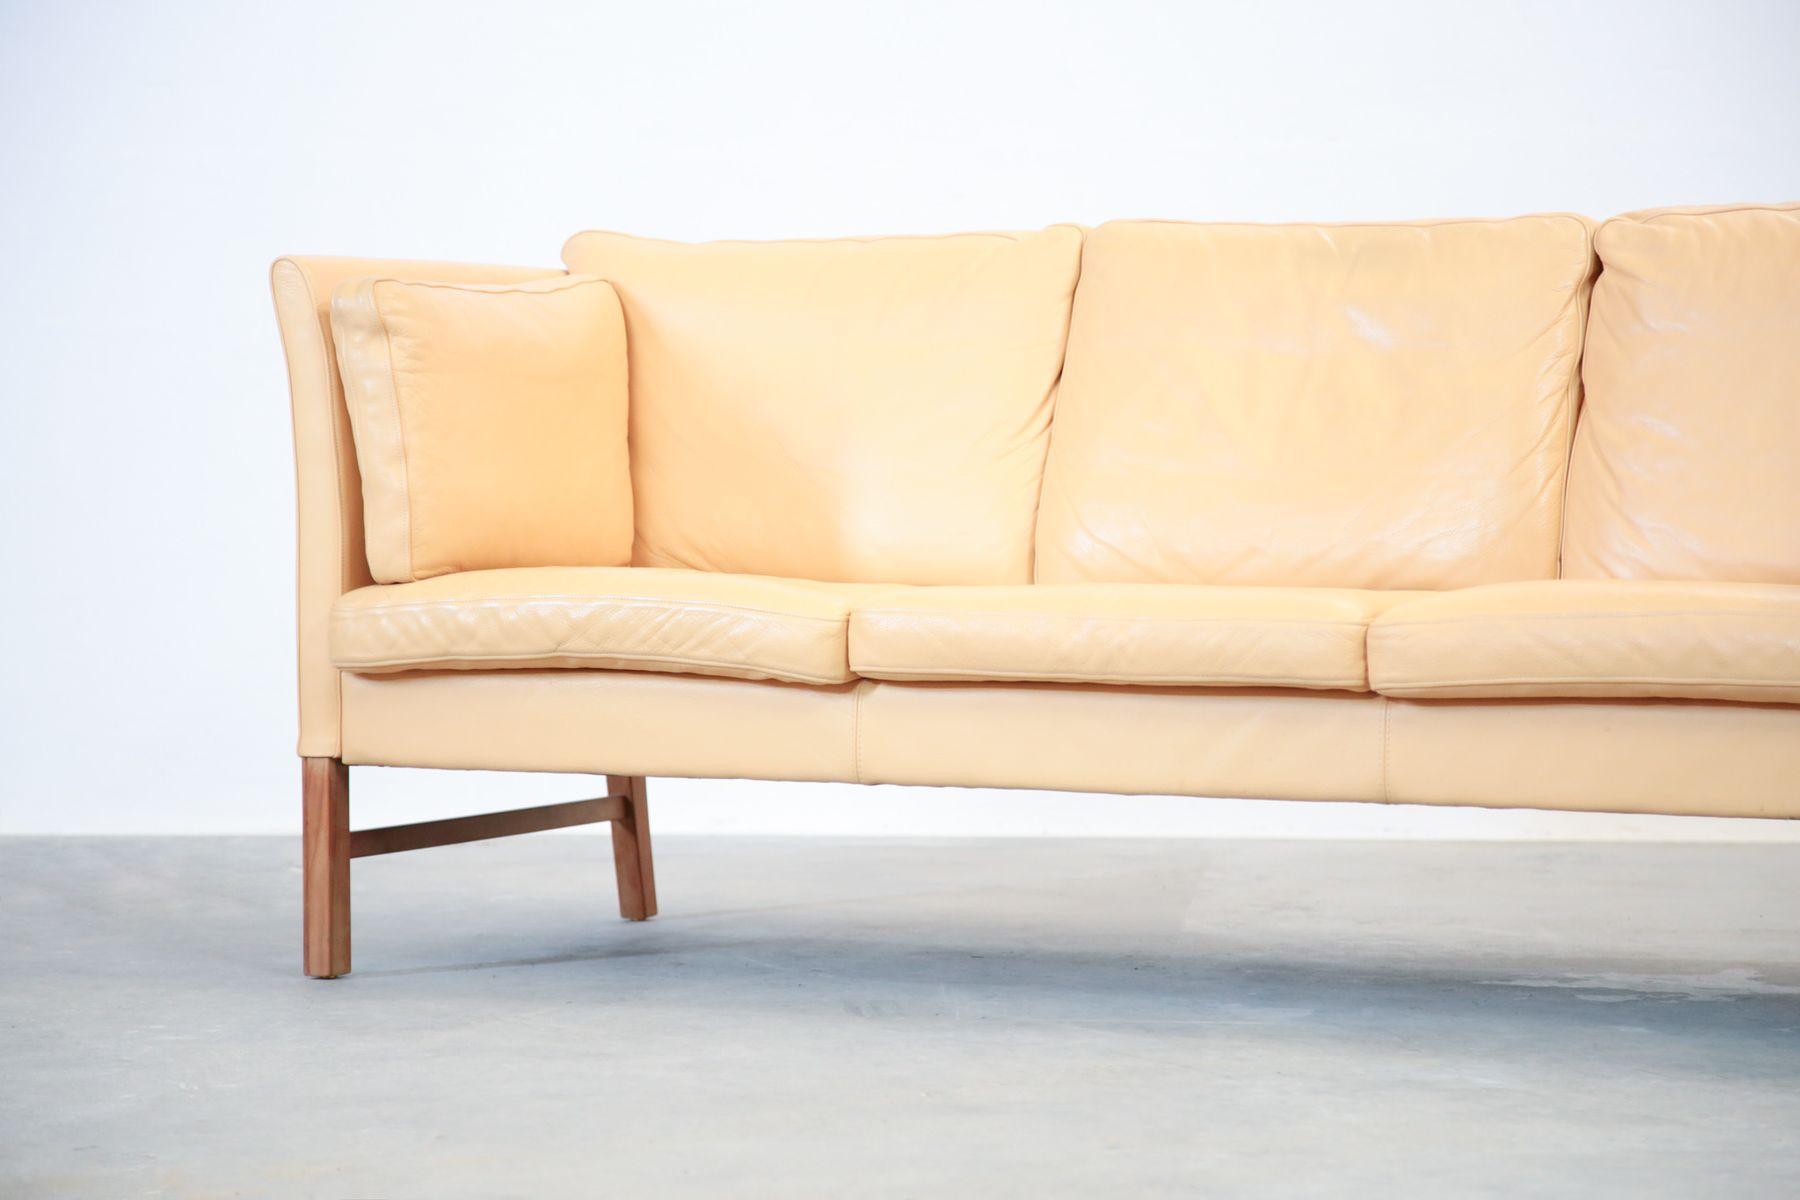 canap trois places beige en cuir danemark 1970s en vente sur pamono. Black Bedroom Furniture Sets. Home Design Ideas